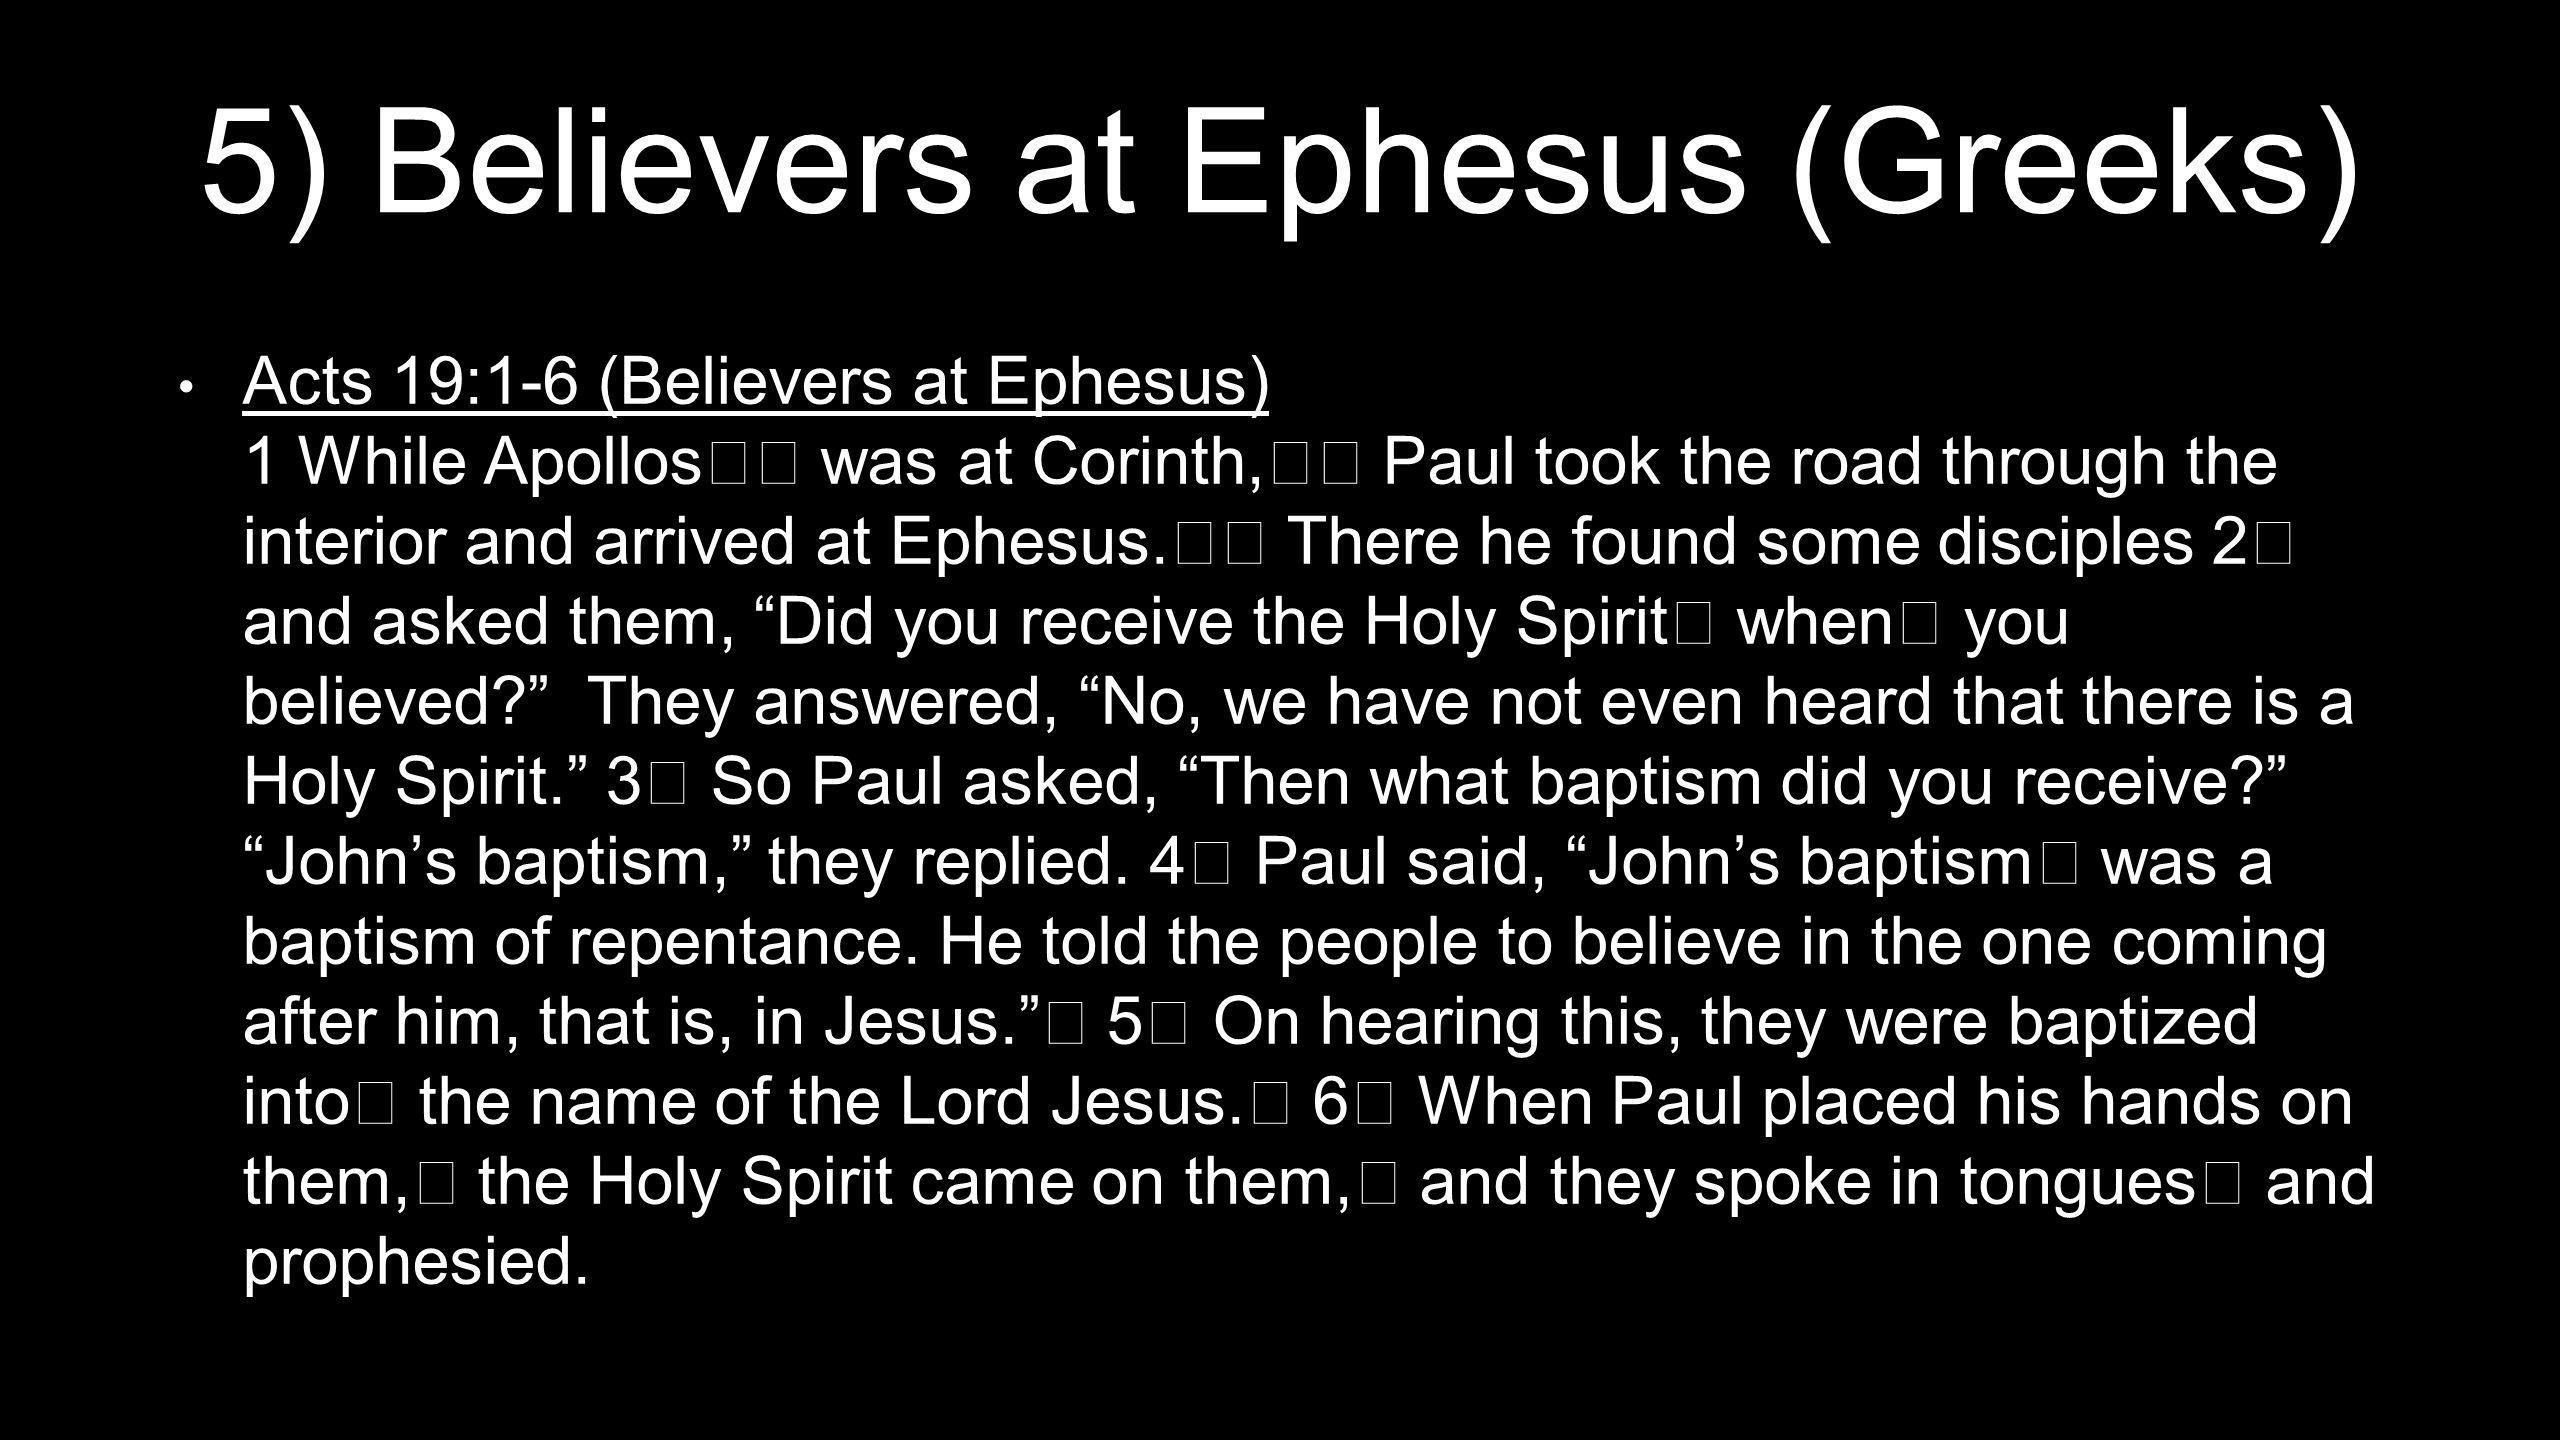 5) Believers at Ephesus (Greeks)